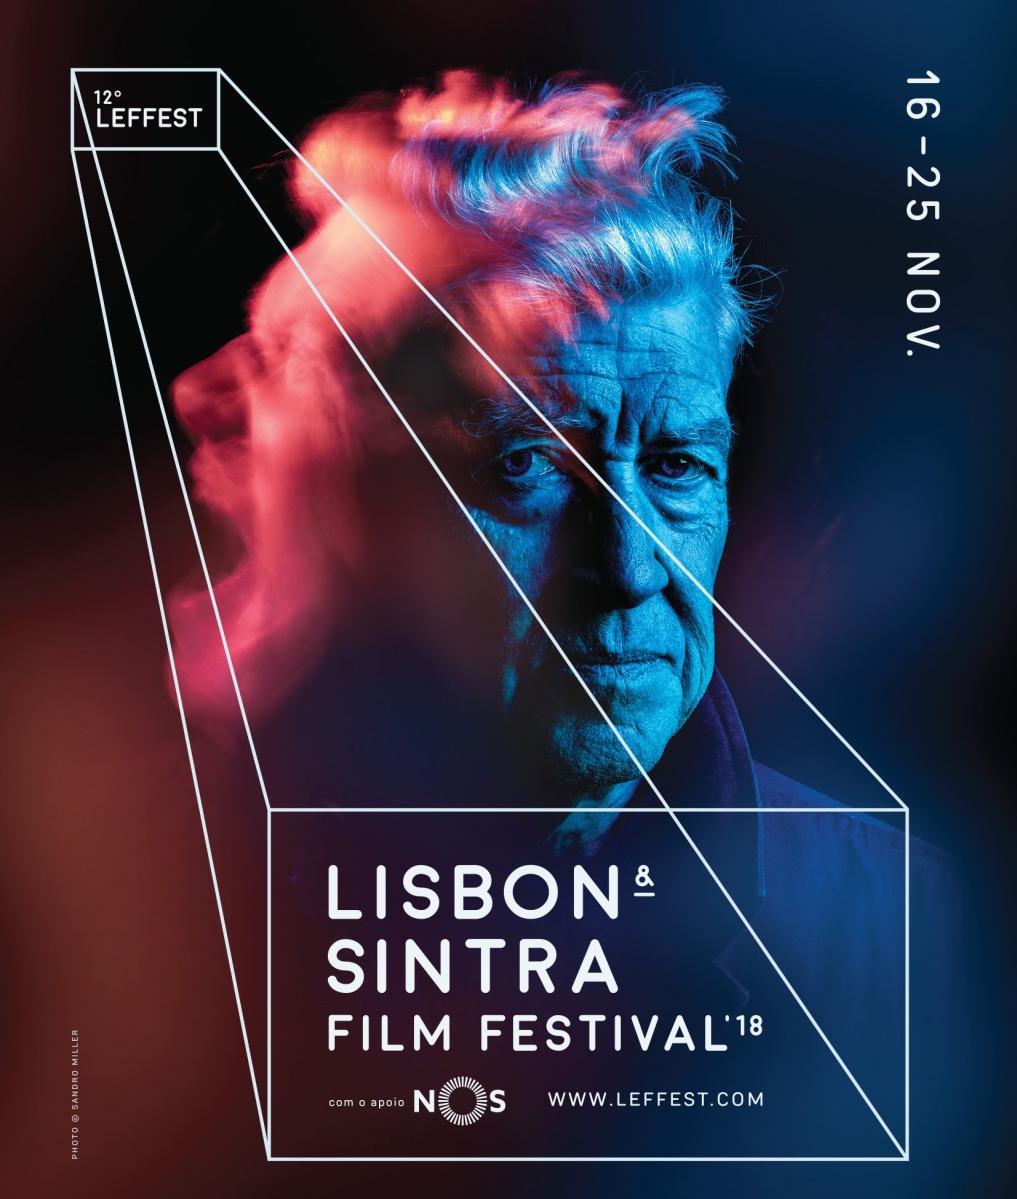 Começa hoje o festival LEFFEST e a aposta na diversidade no cinema